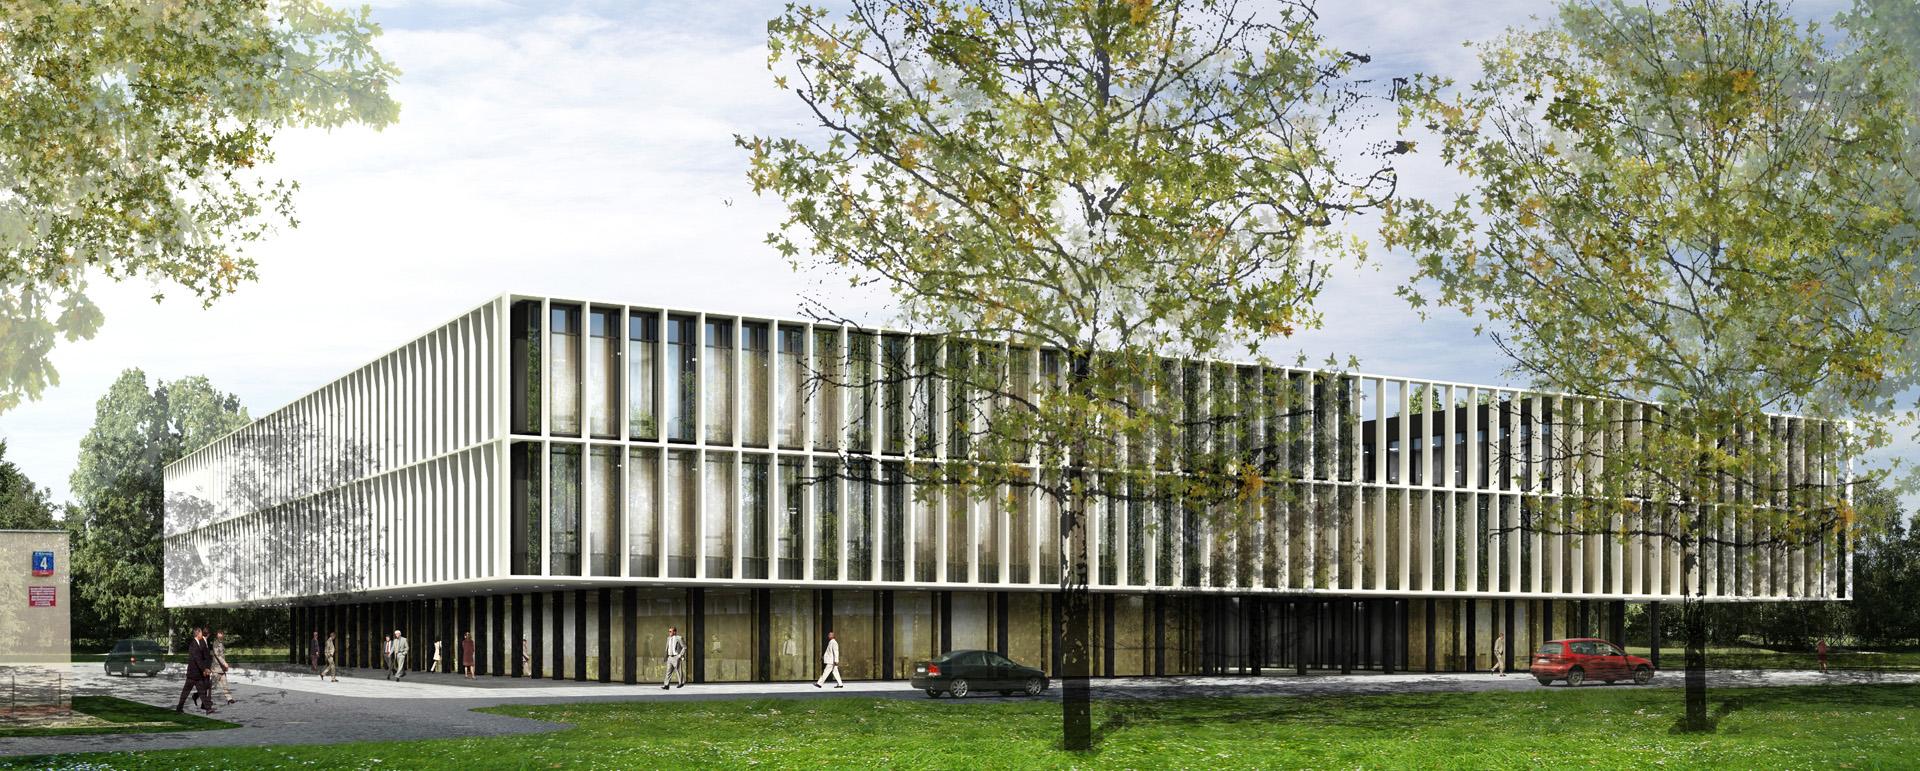 Siedziba firmy MPWiK w Warszawie. Projekt architektoniczny Baza architekci.